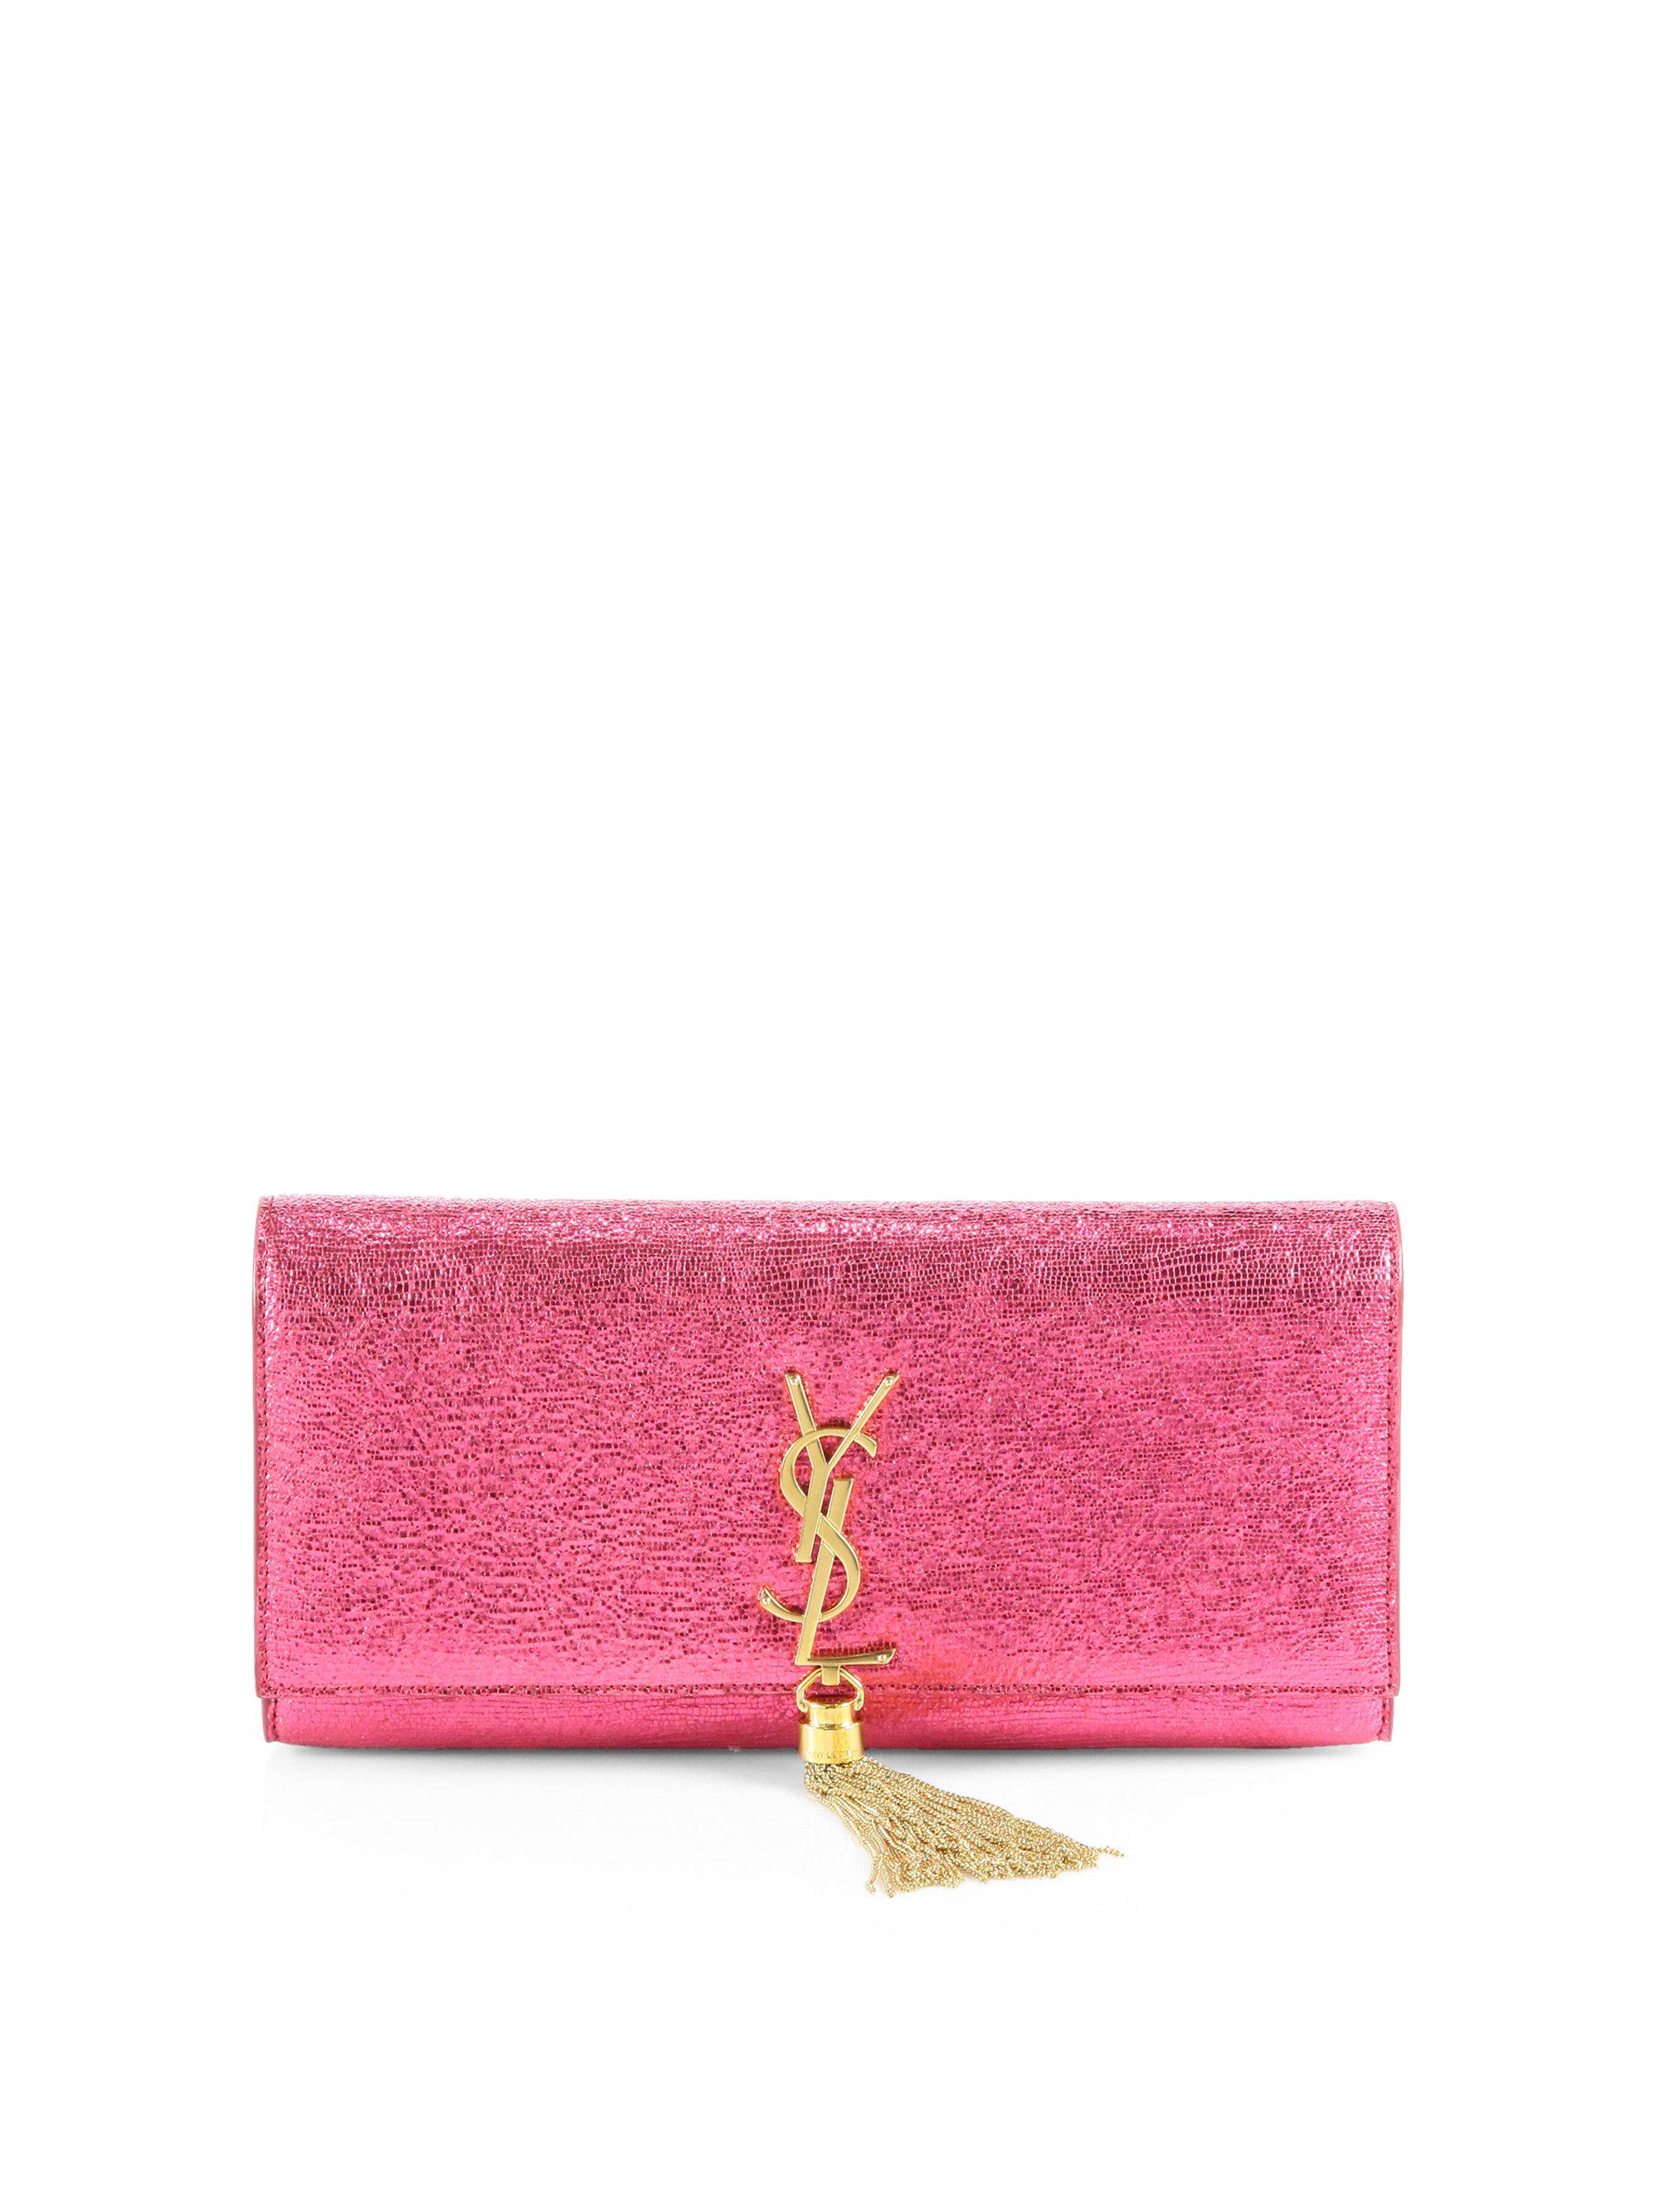 073bbfffa37 Saint Laurent Cassandre Metallic Leather Tassel Clutch in Pink - Lyst